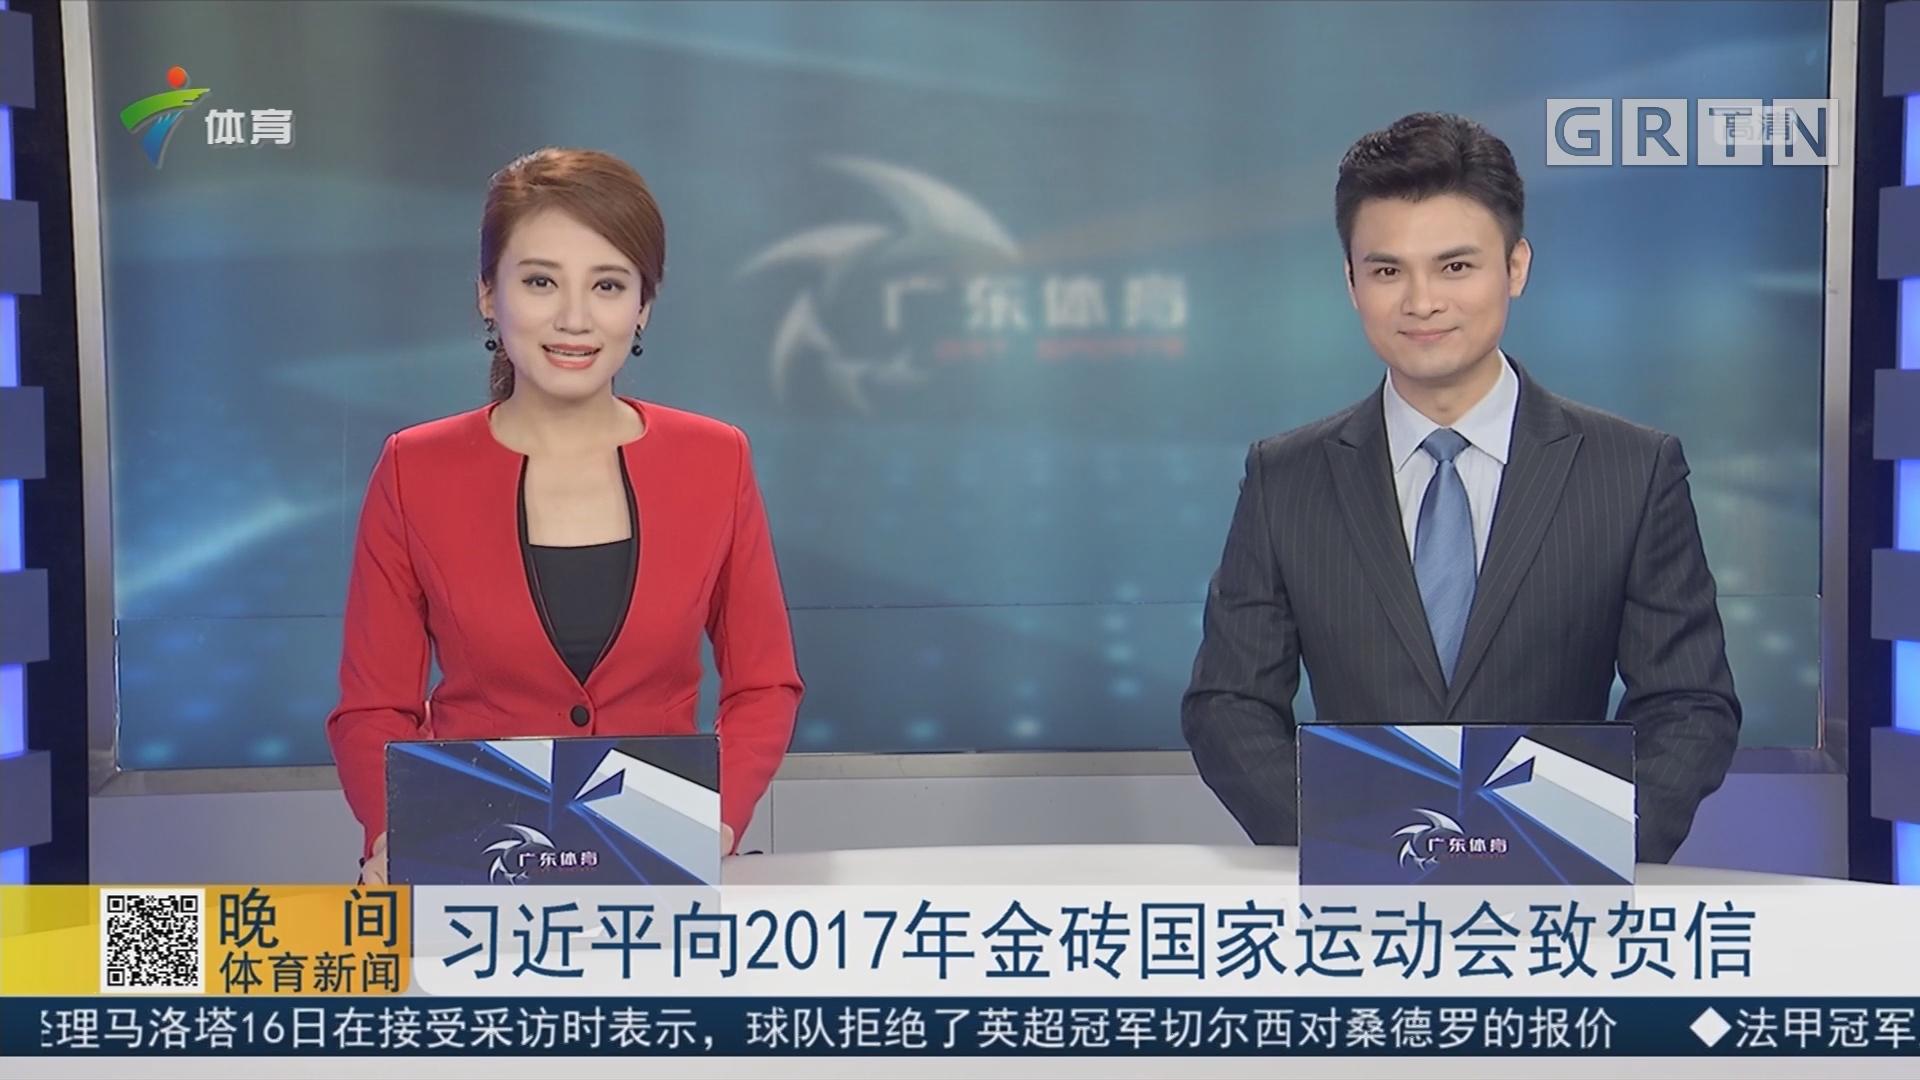 习近平向2017年金砖国家运动会致贺信